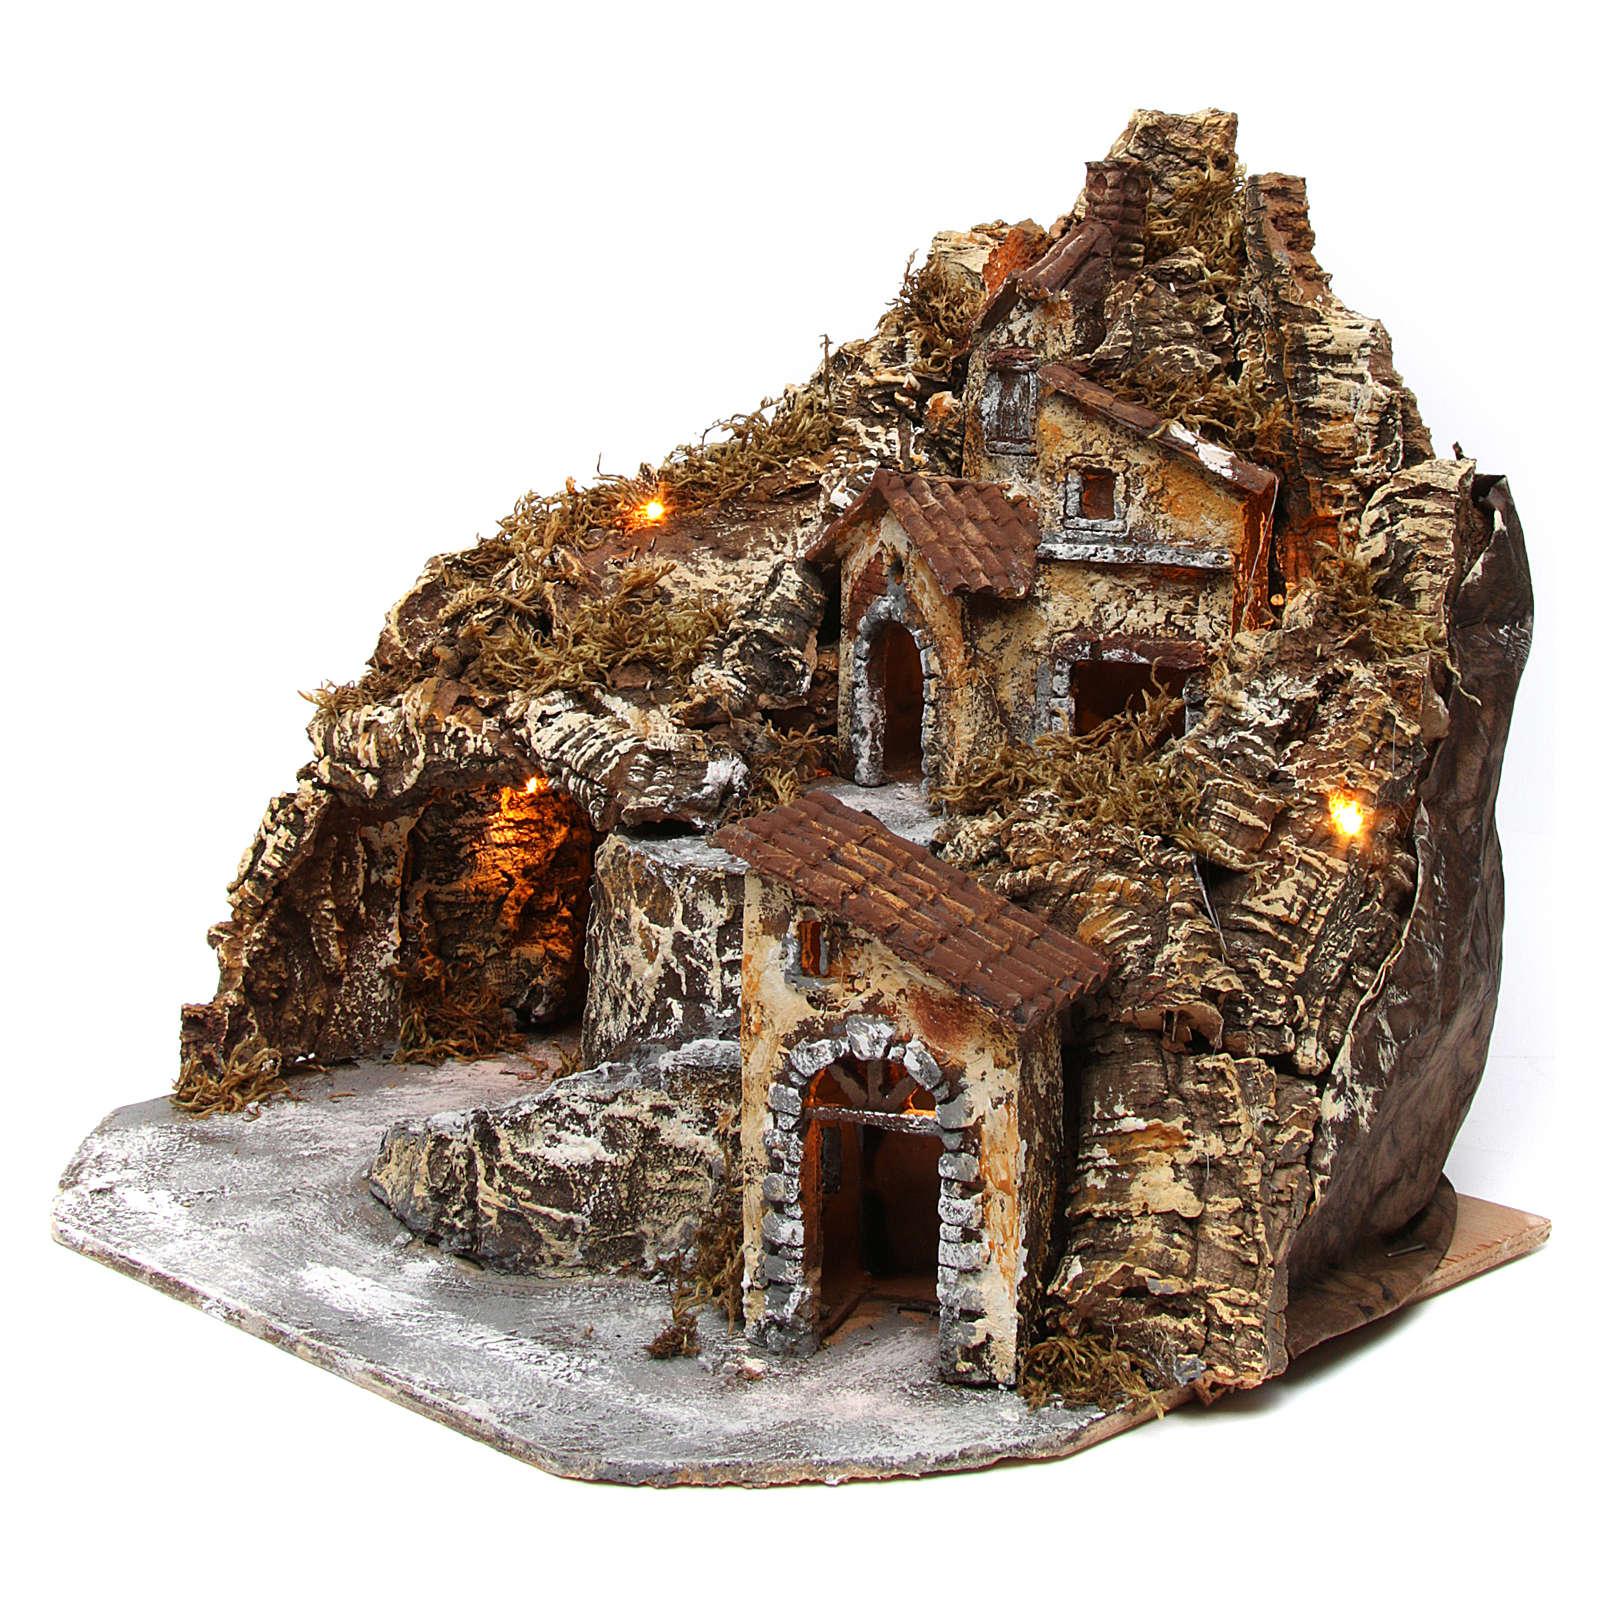 Aldea belén napolitano iluminado con cueva 35x45x35 cm madera y corcho 4